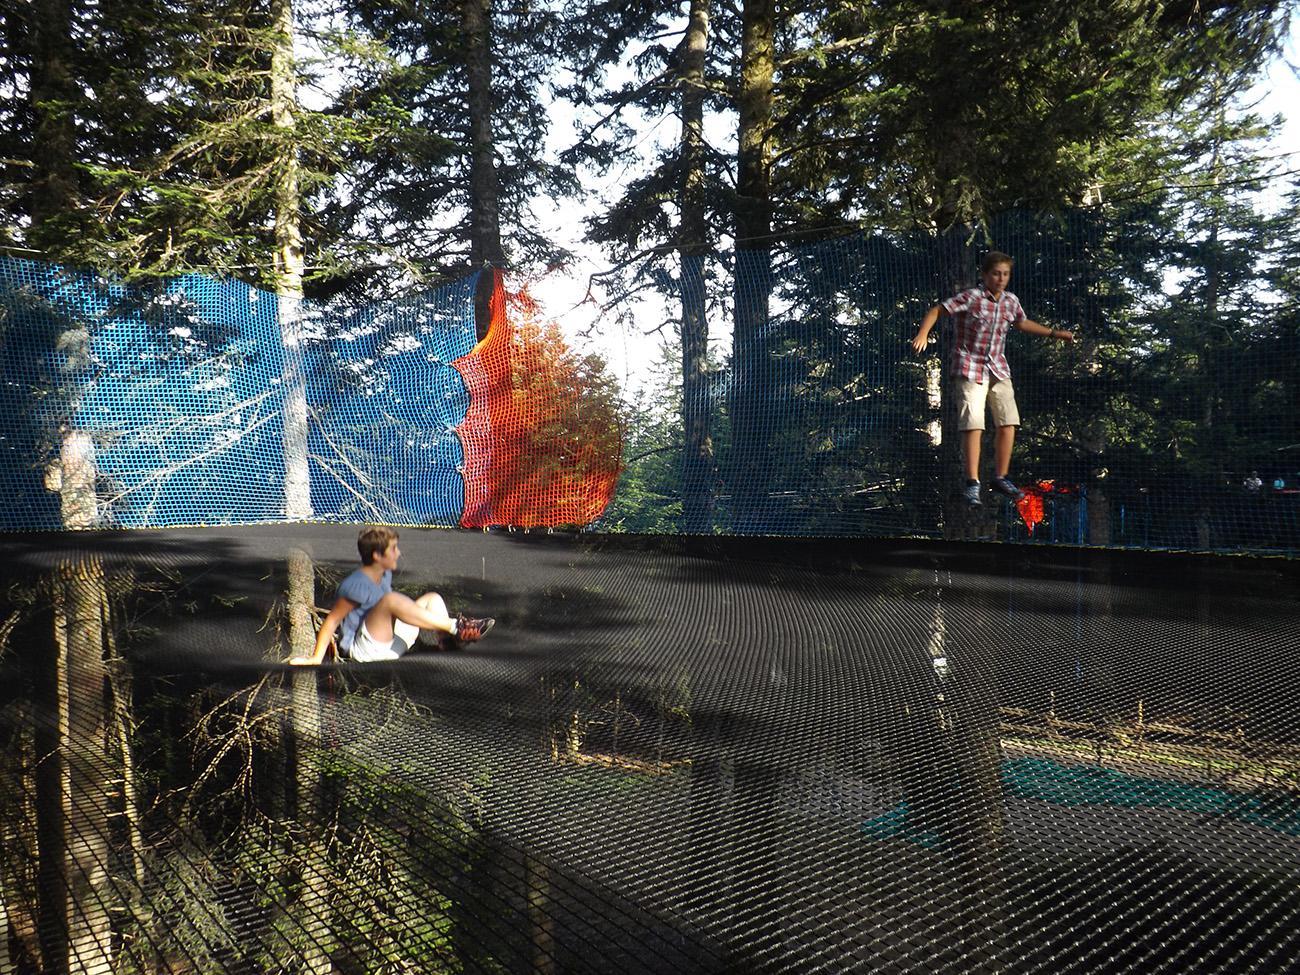 praboure-parc-activite-montagne-photo-filets-suspendus8